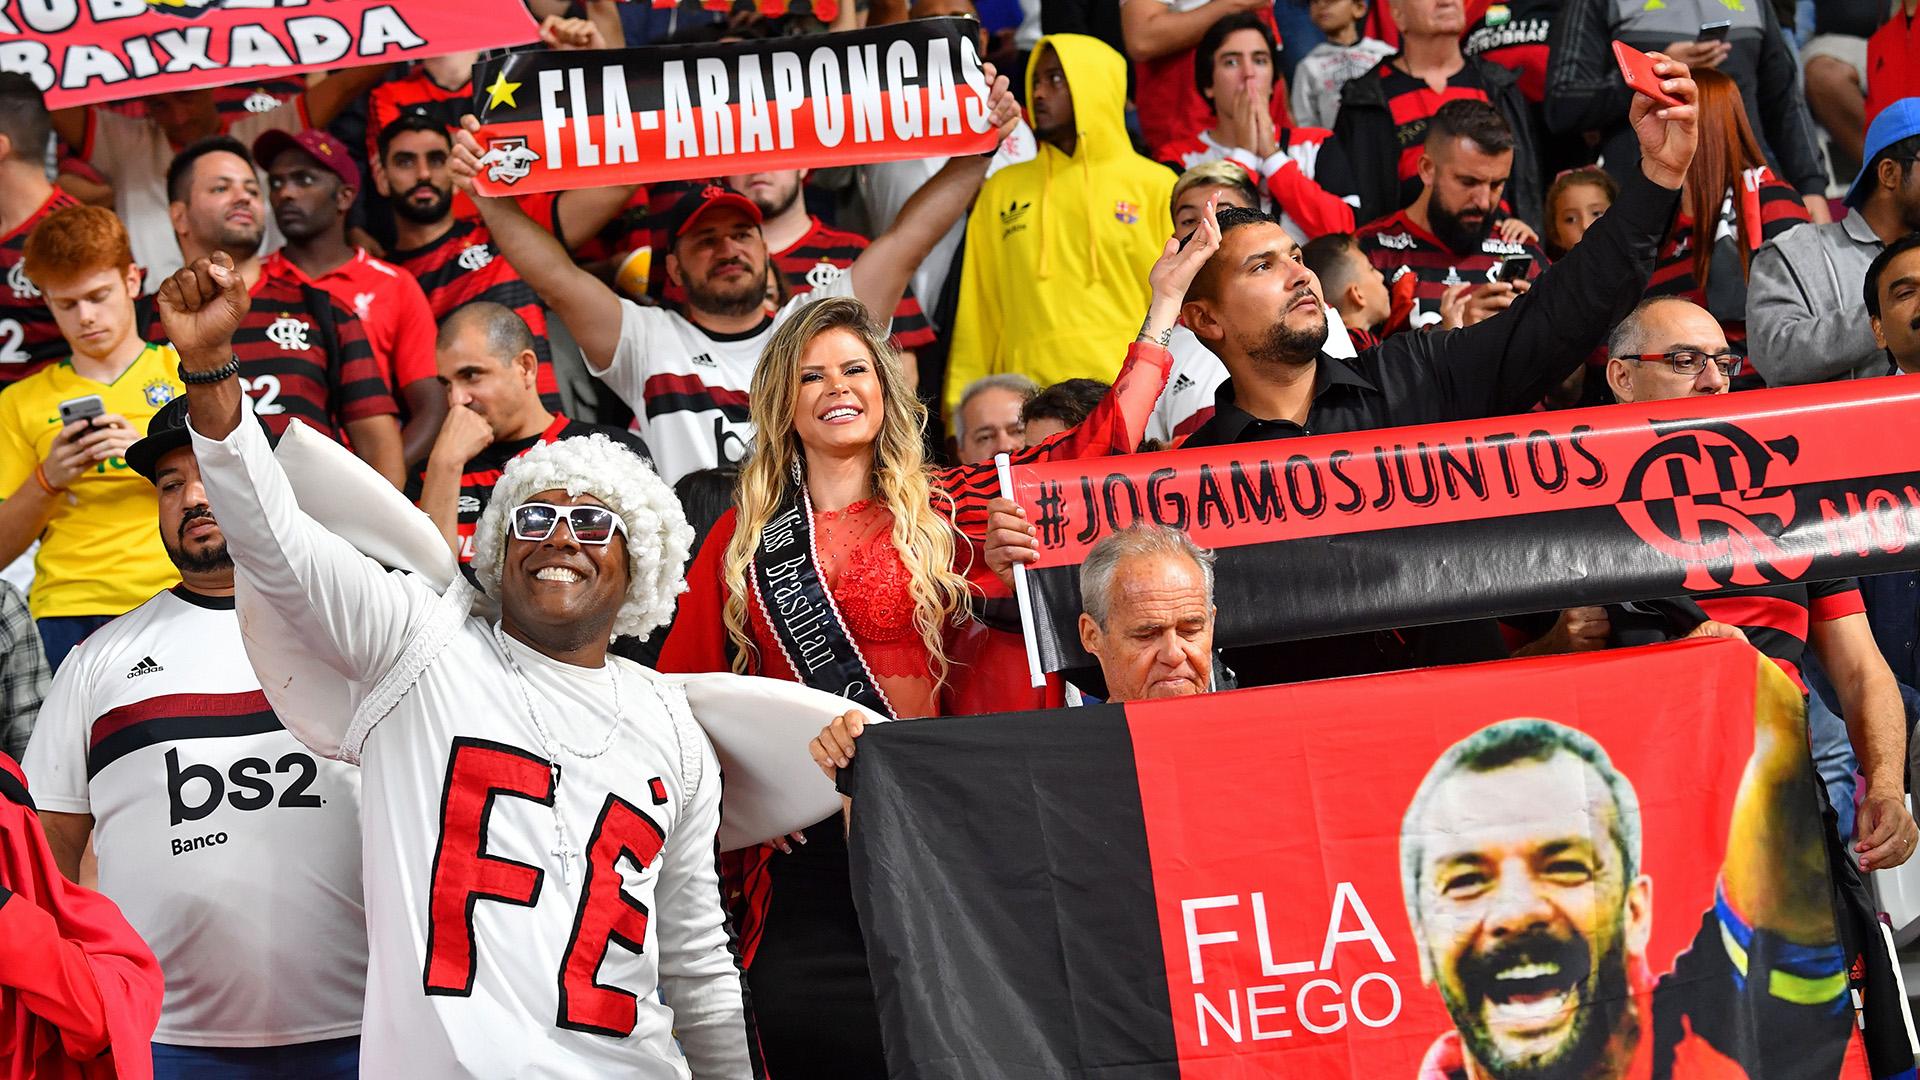 Onde Assistir Ao Flamengo No Campeonato Carioca 2020 Goalcom